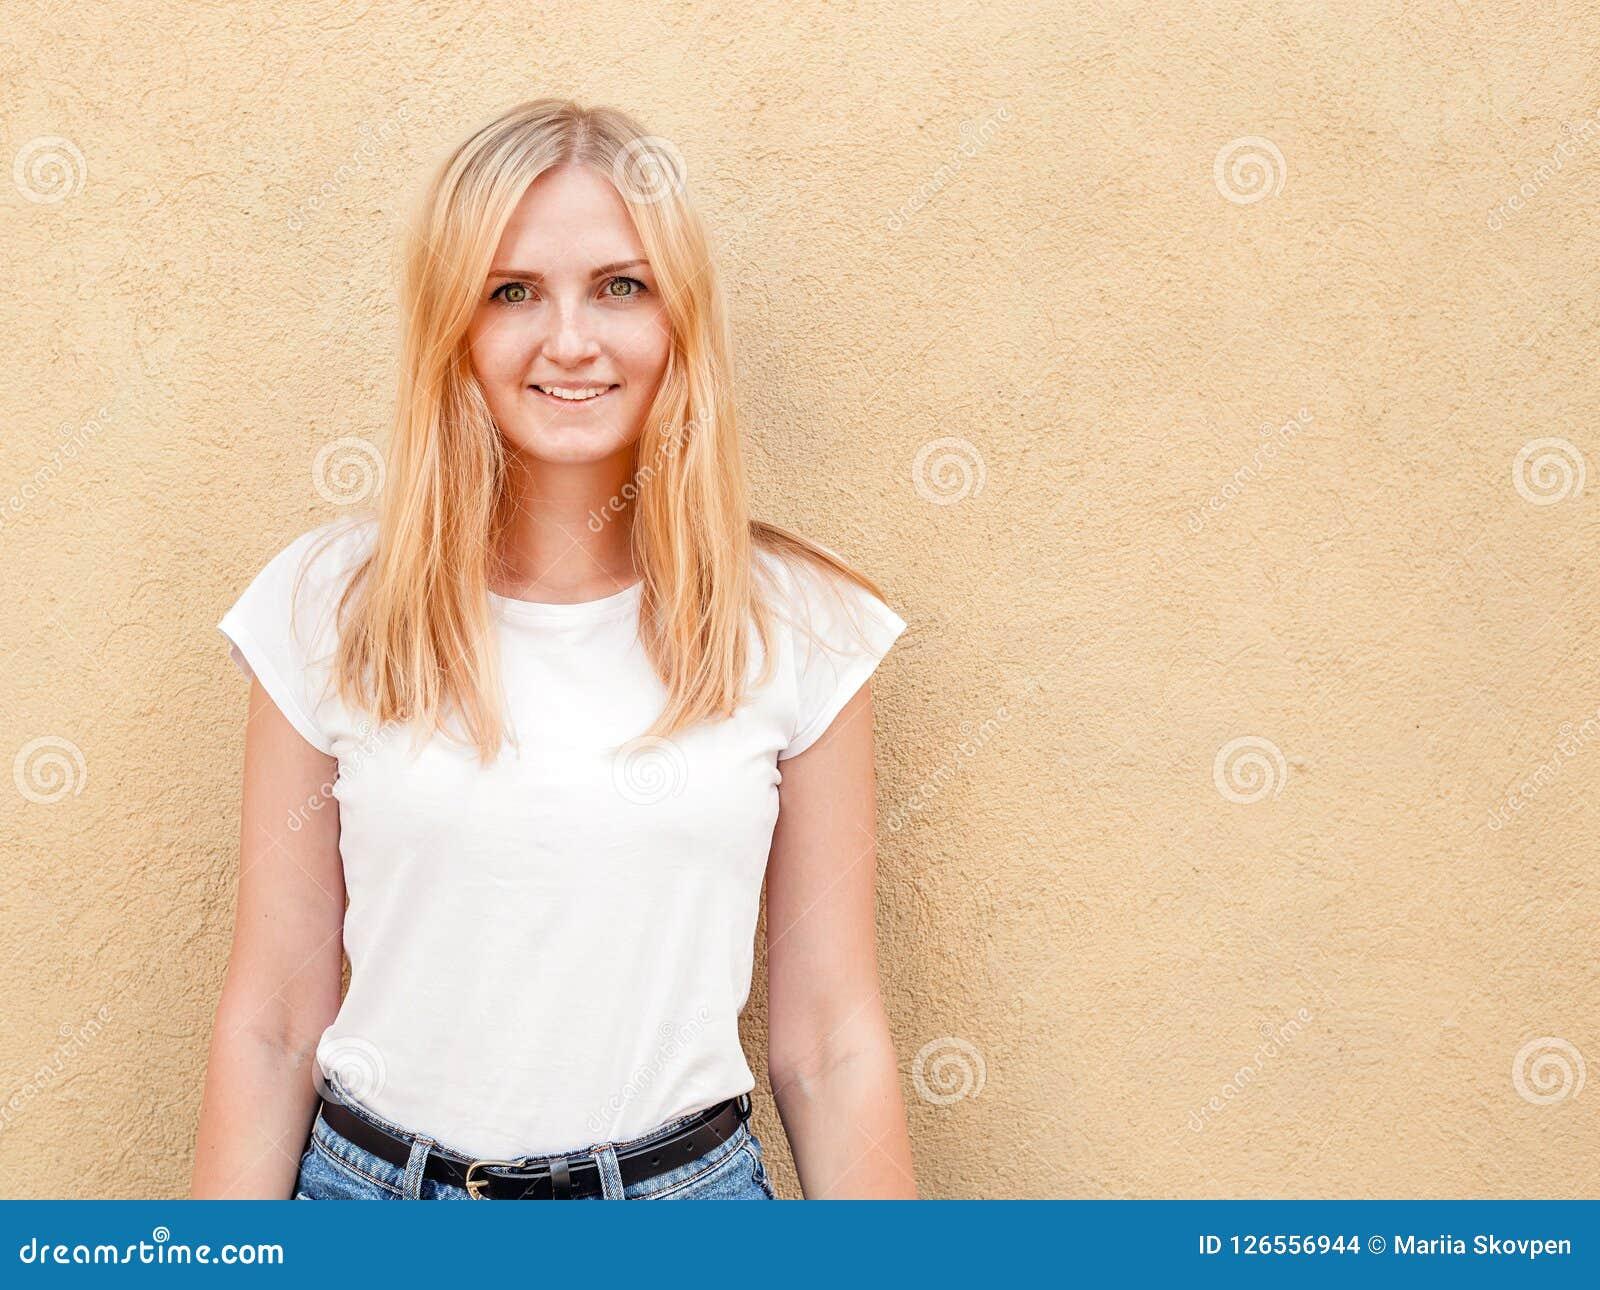 Hipstermeisje lege witte t-shirt dragen en jeans die tegen ruwe straatmuur stellen, minimalistische stedelijke kledingsstijl